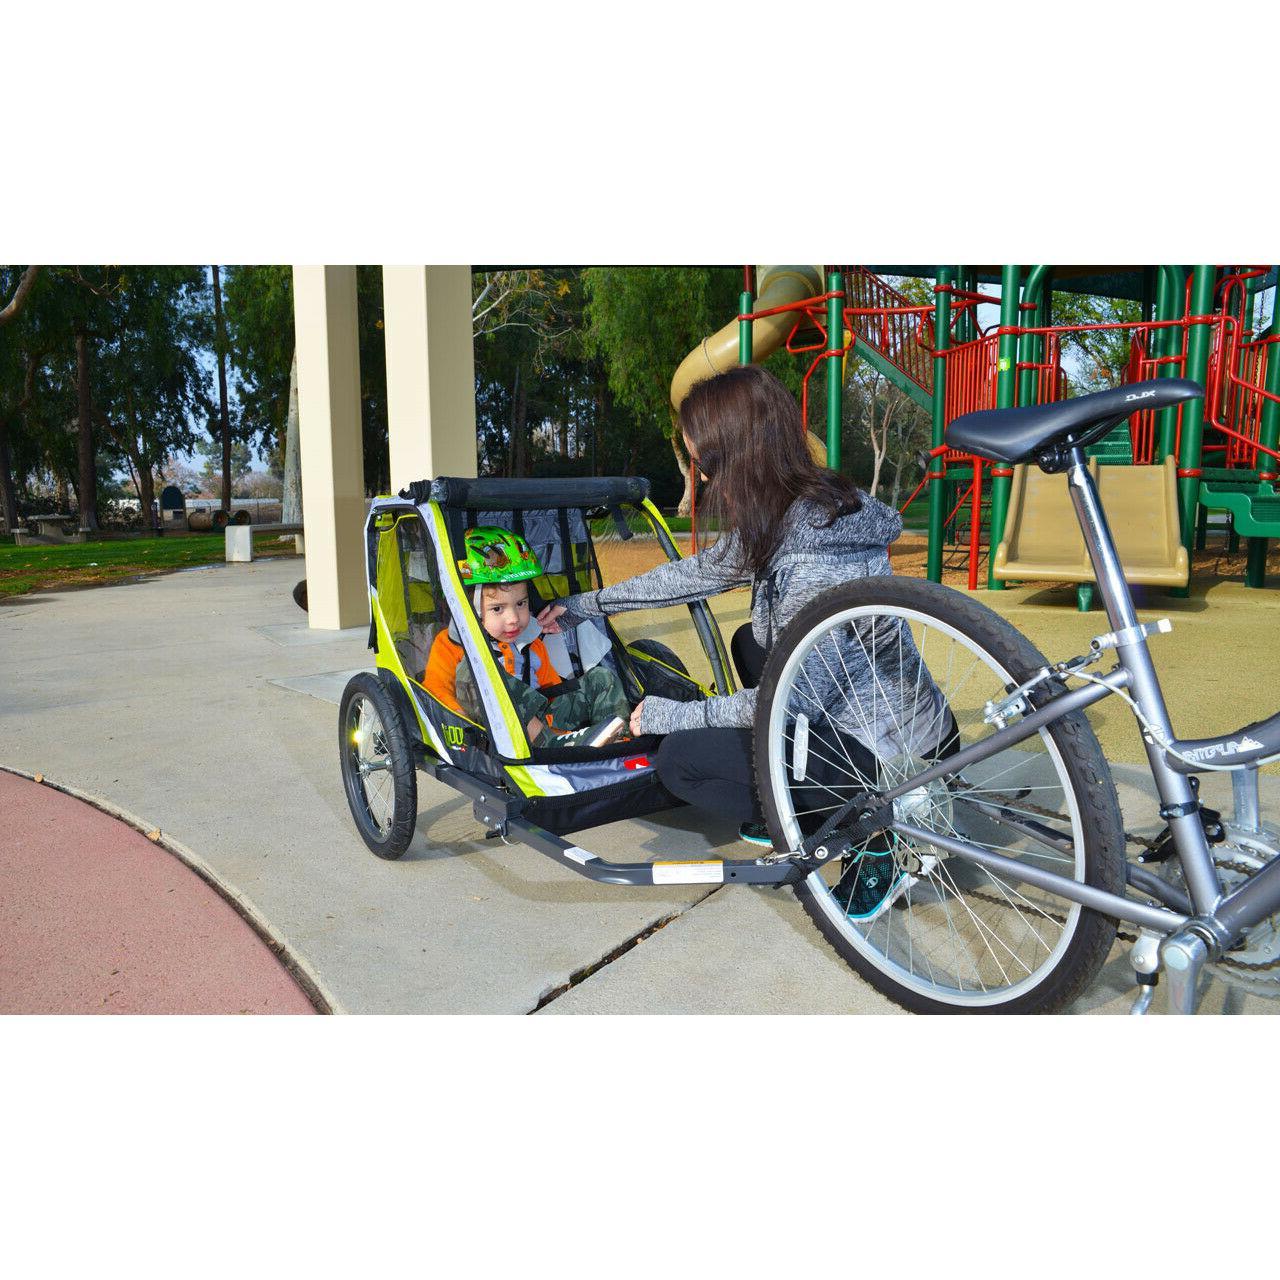 Green Lightweight Stroller